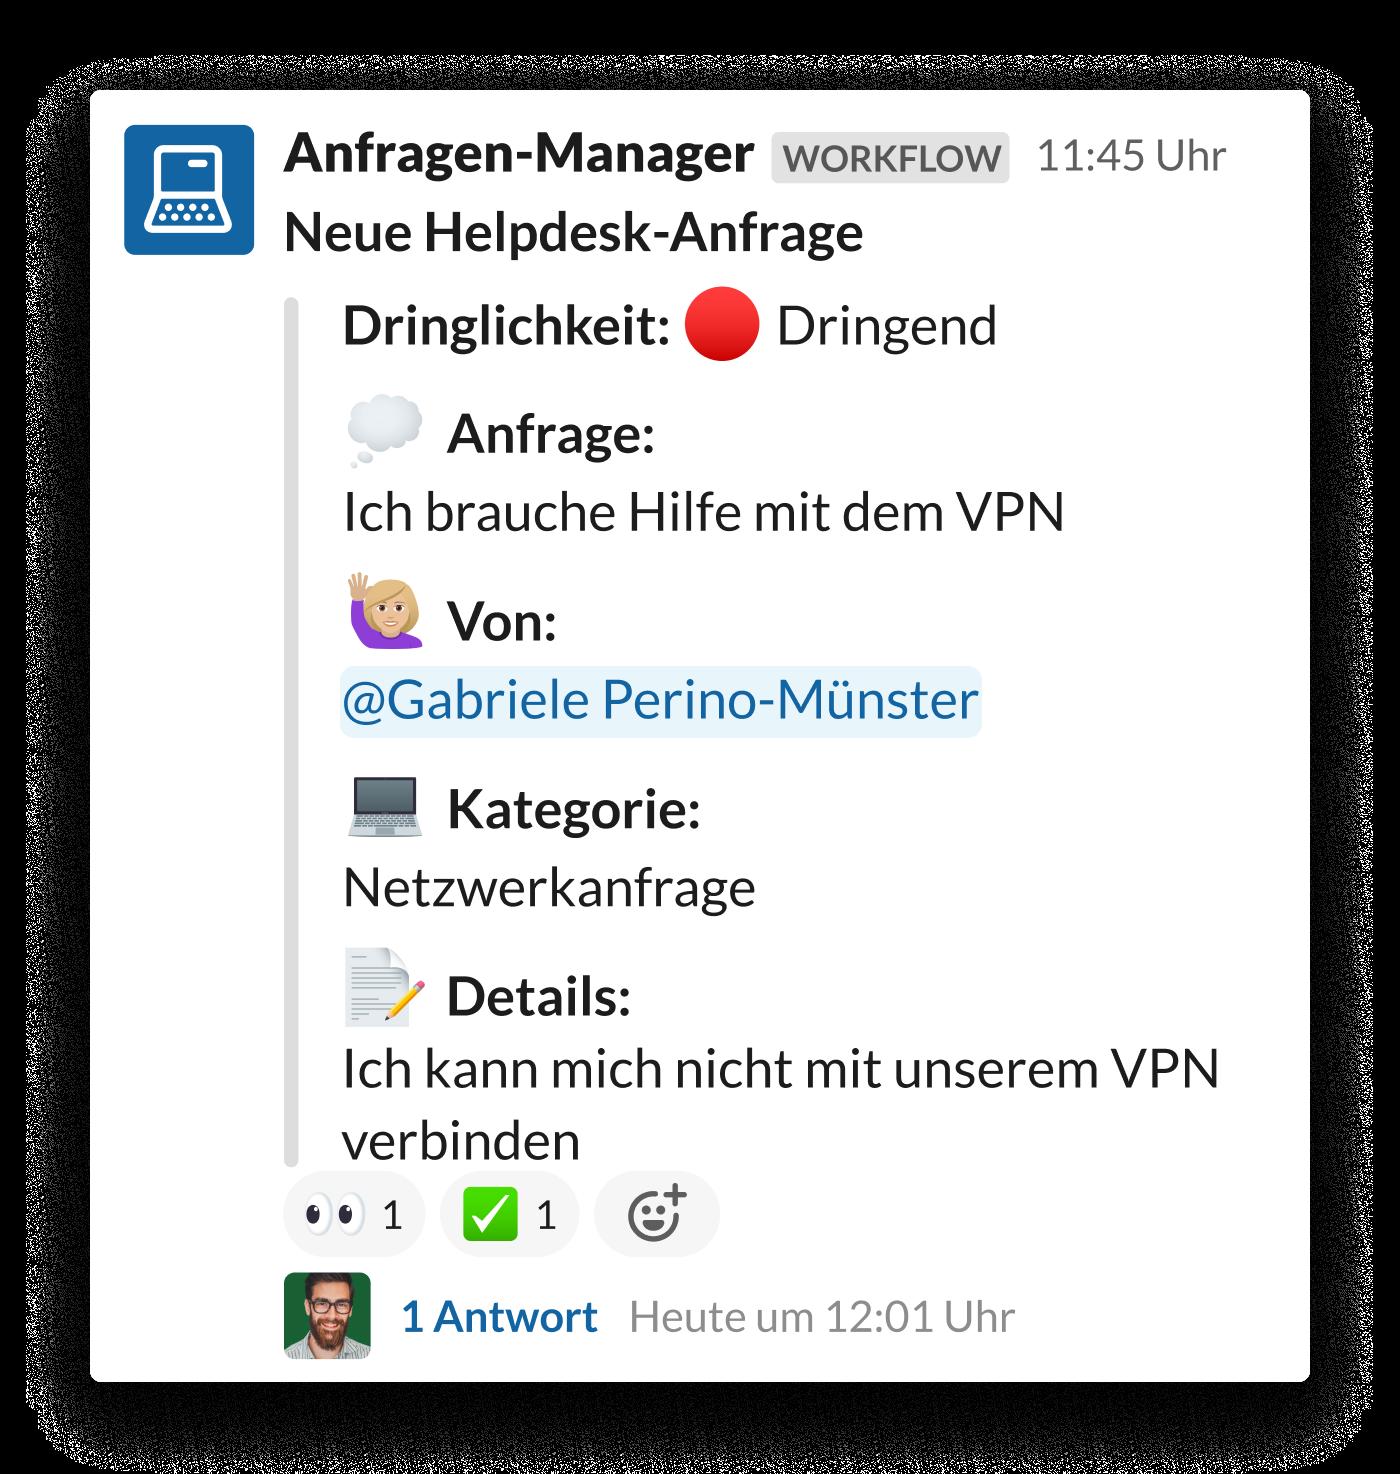 Anfrage zum VPN-Zugriff im Slack-Channel #hilfe-IT